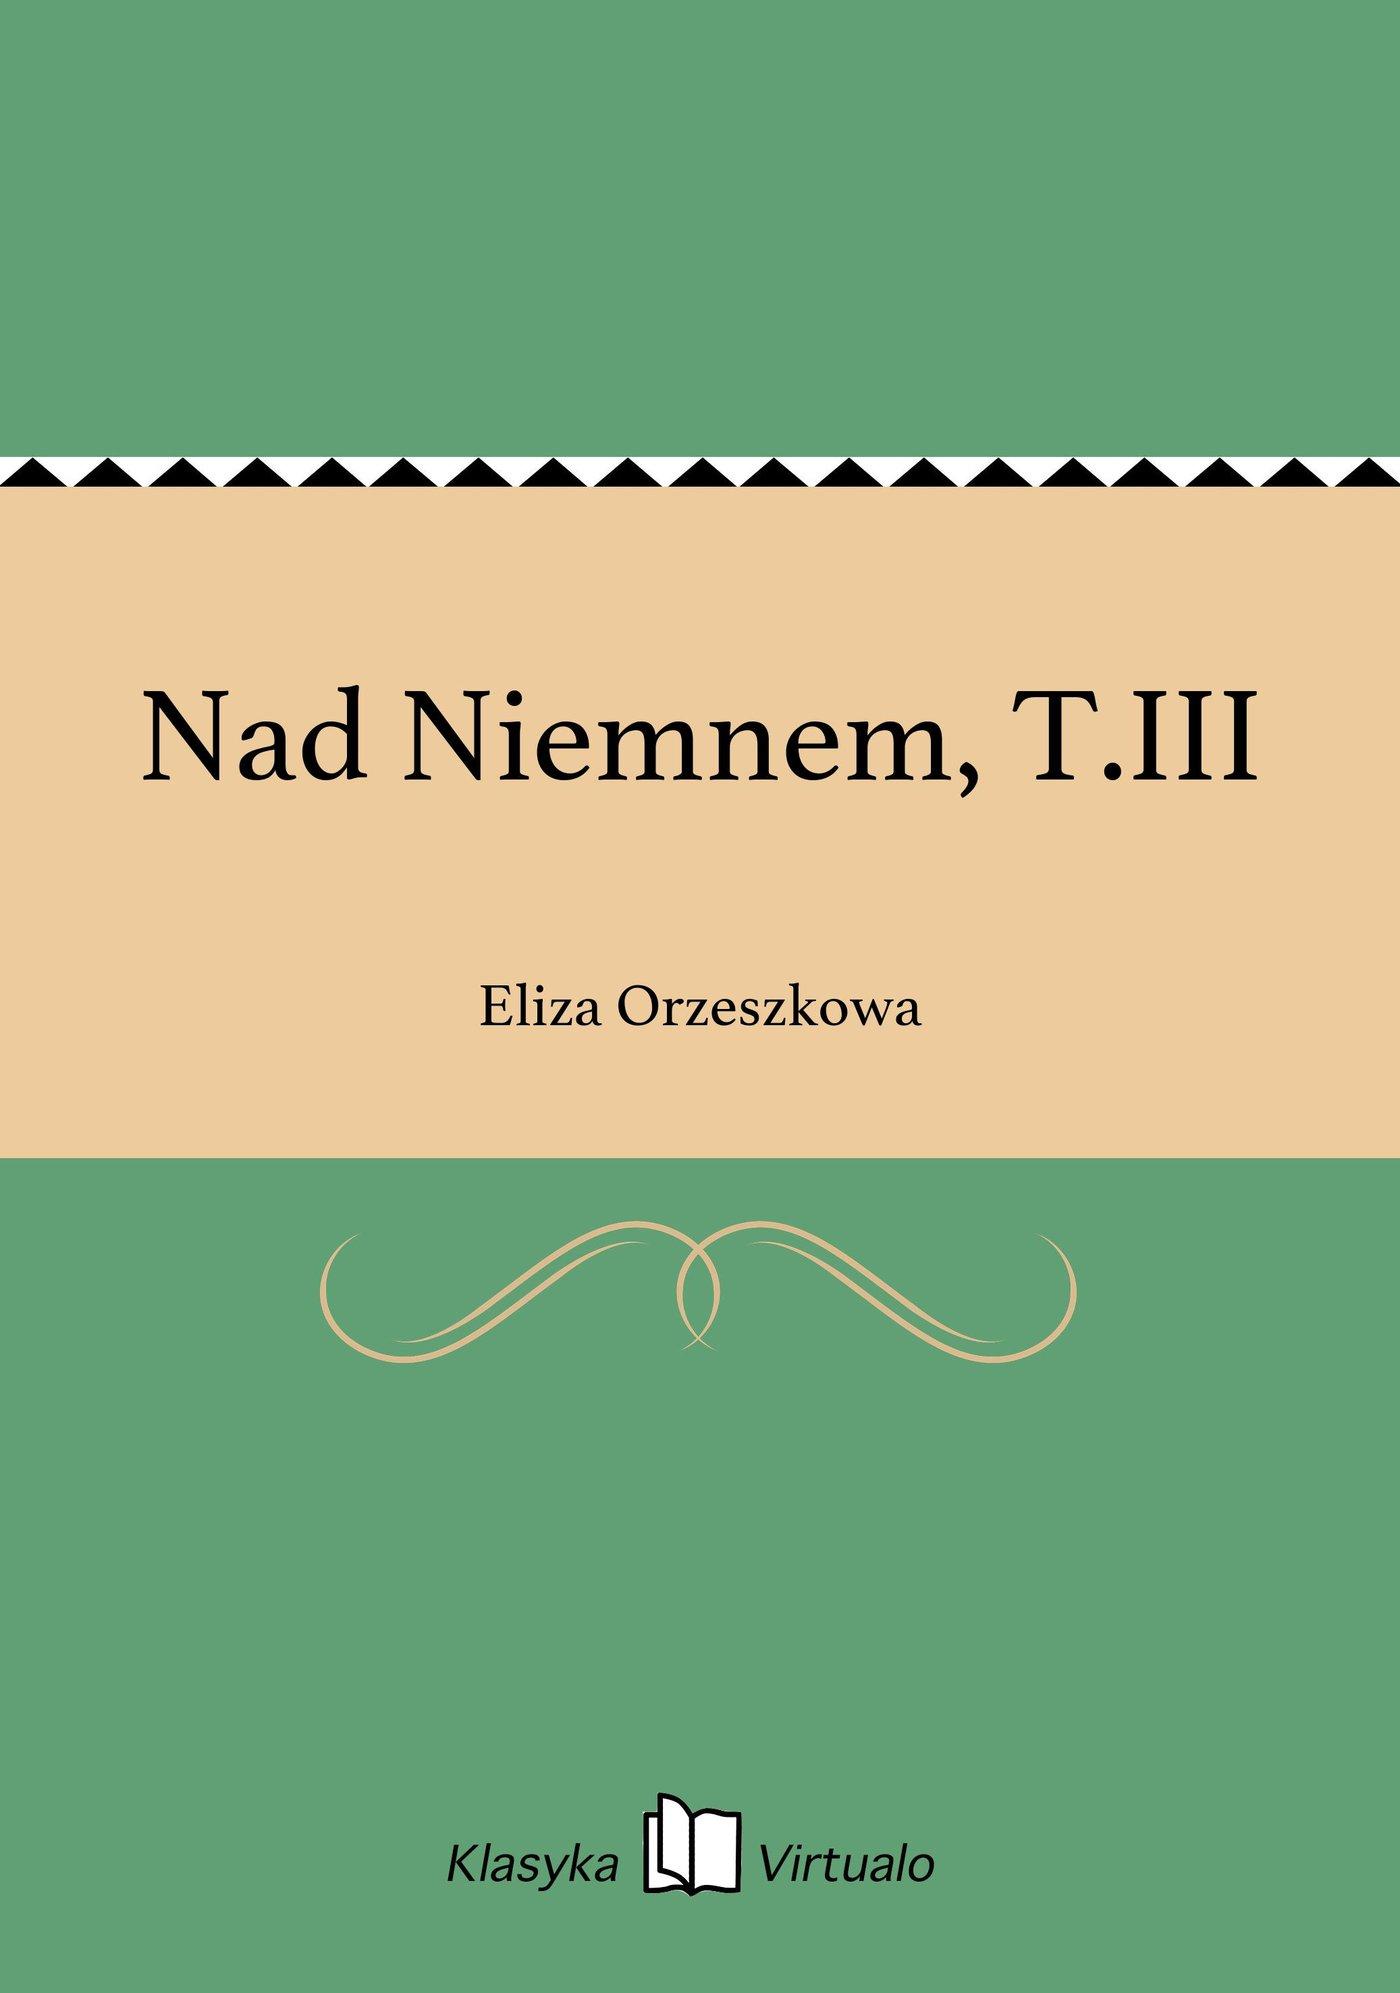 Nad Niemnem, T.III - Ebook (Książka EPUB) do pobrania w formacie EPUB